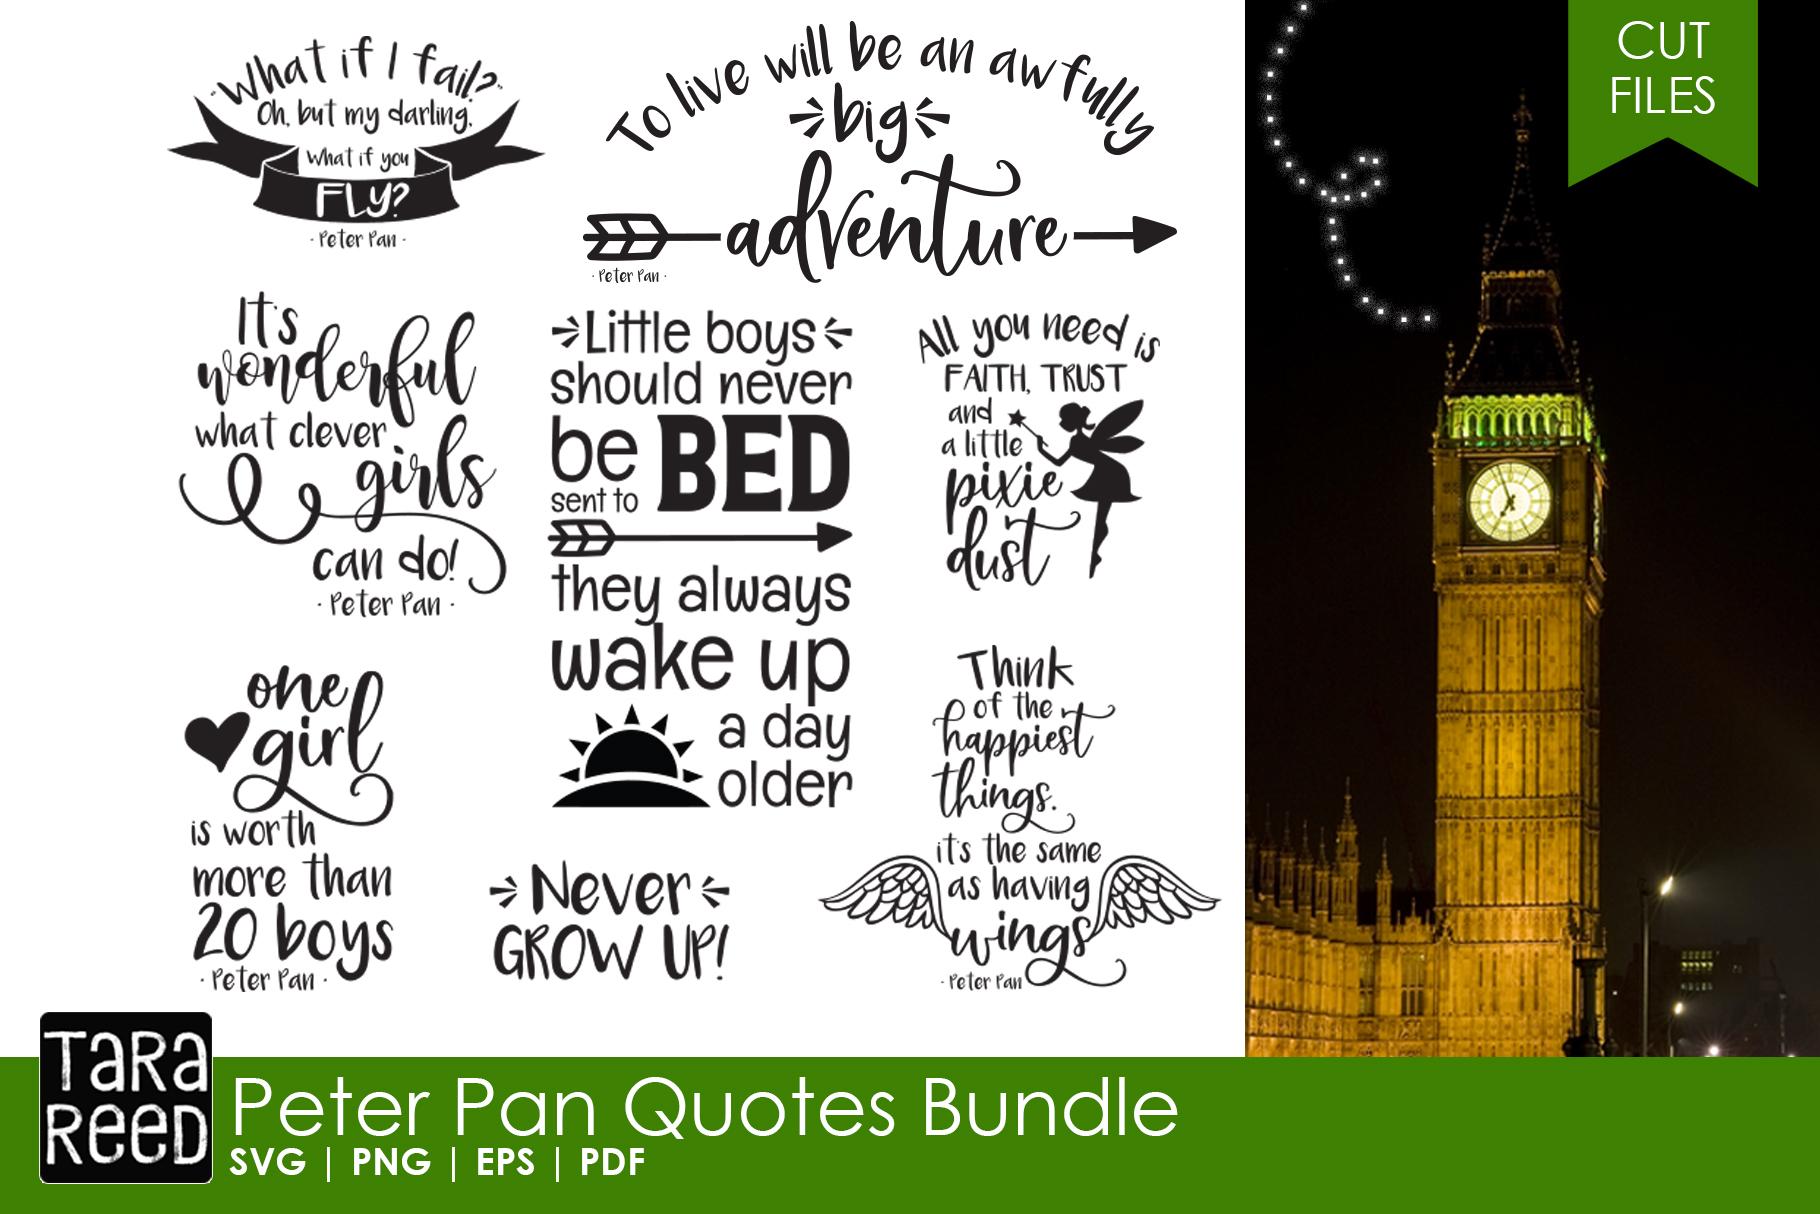 Peter Pan Quotes Bundle